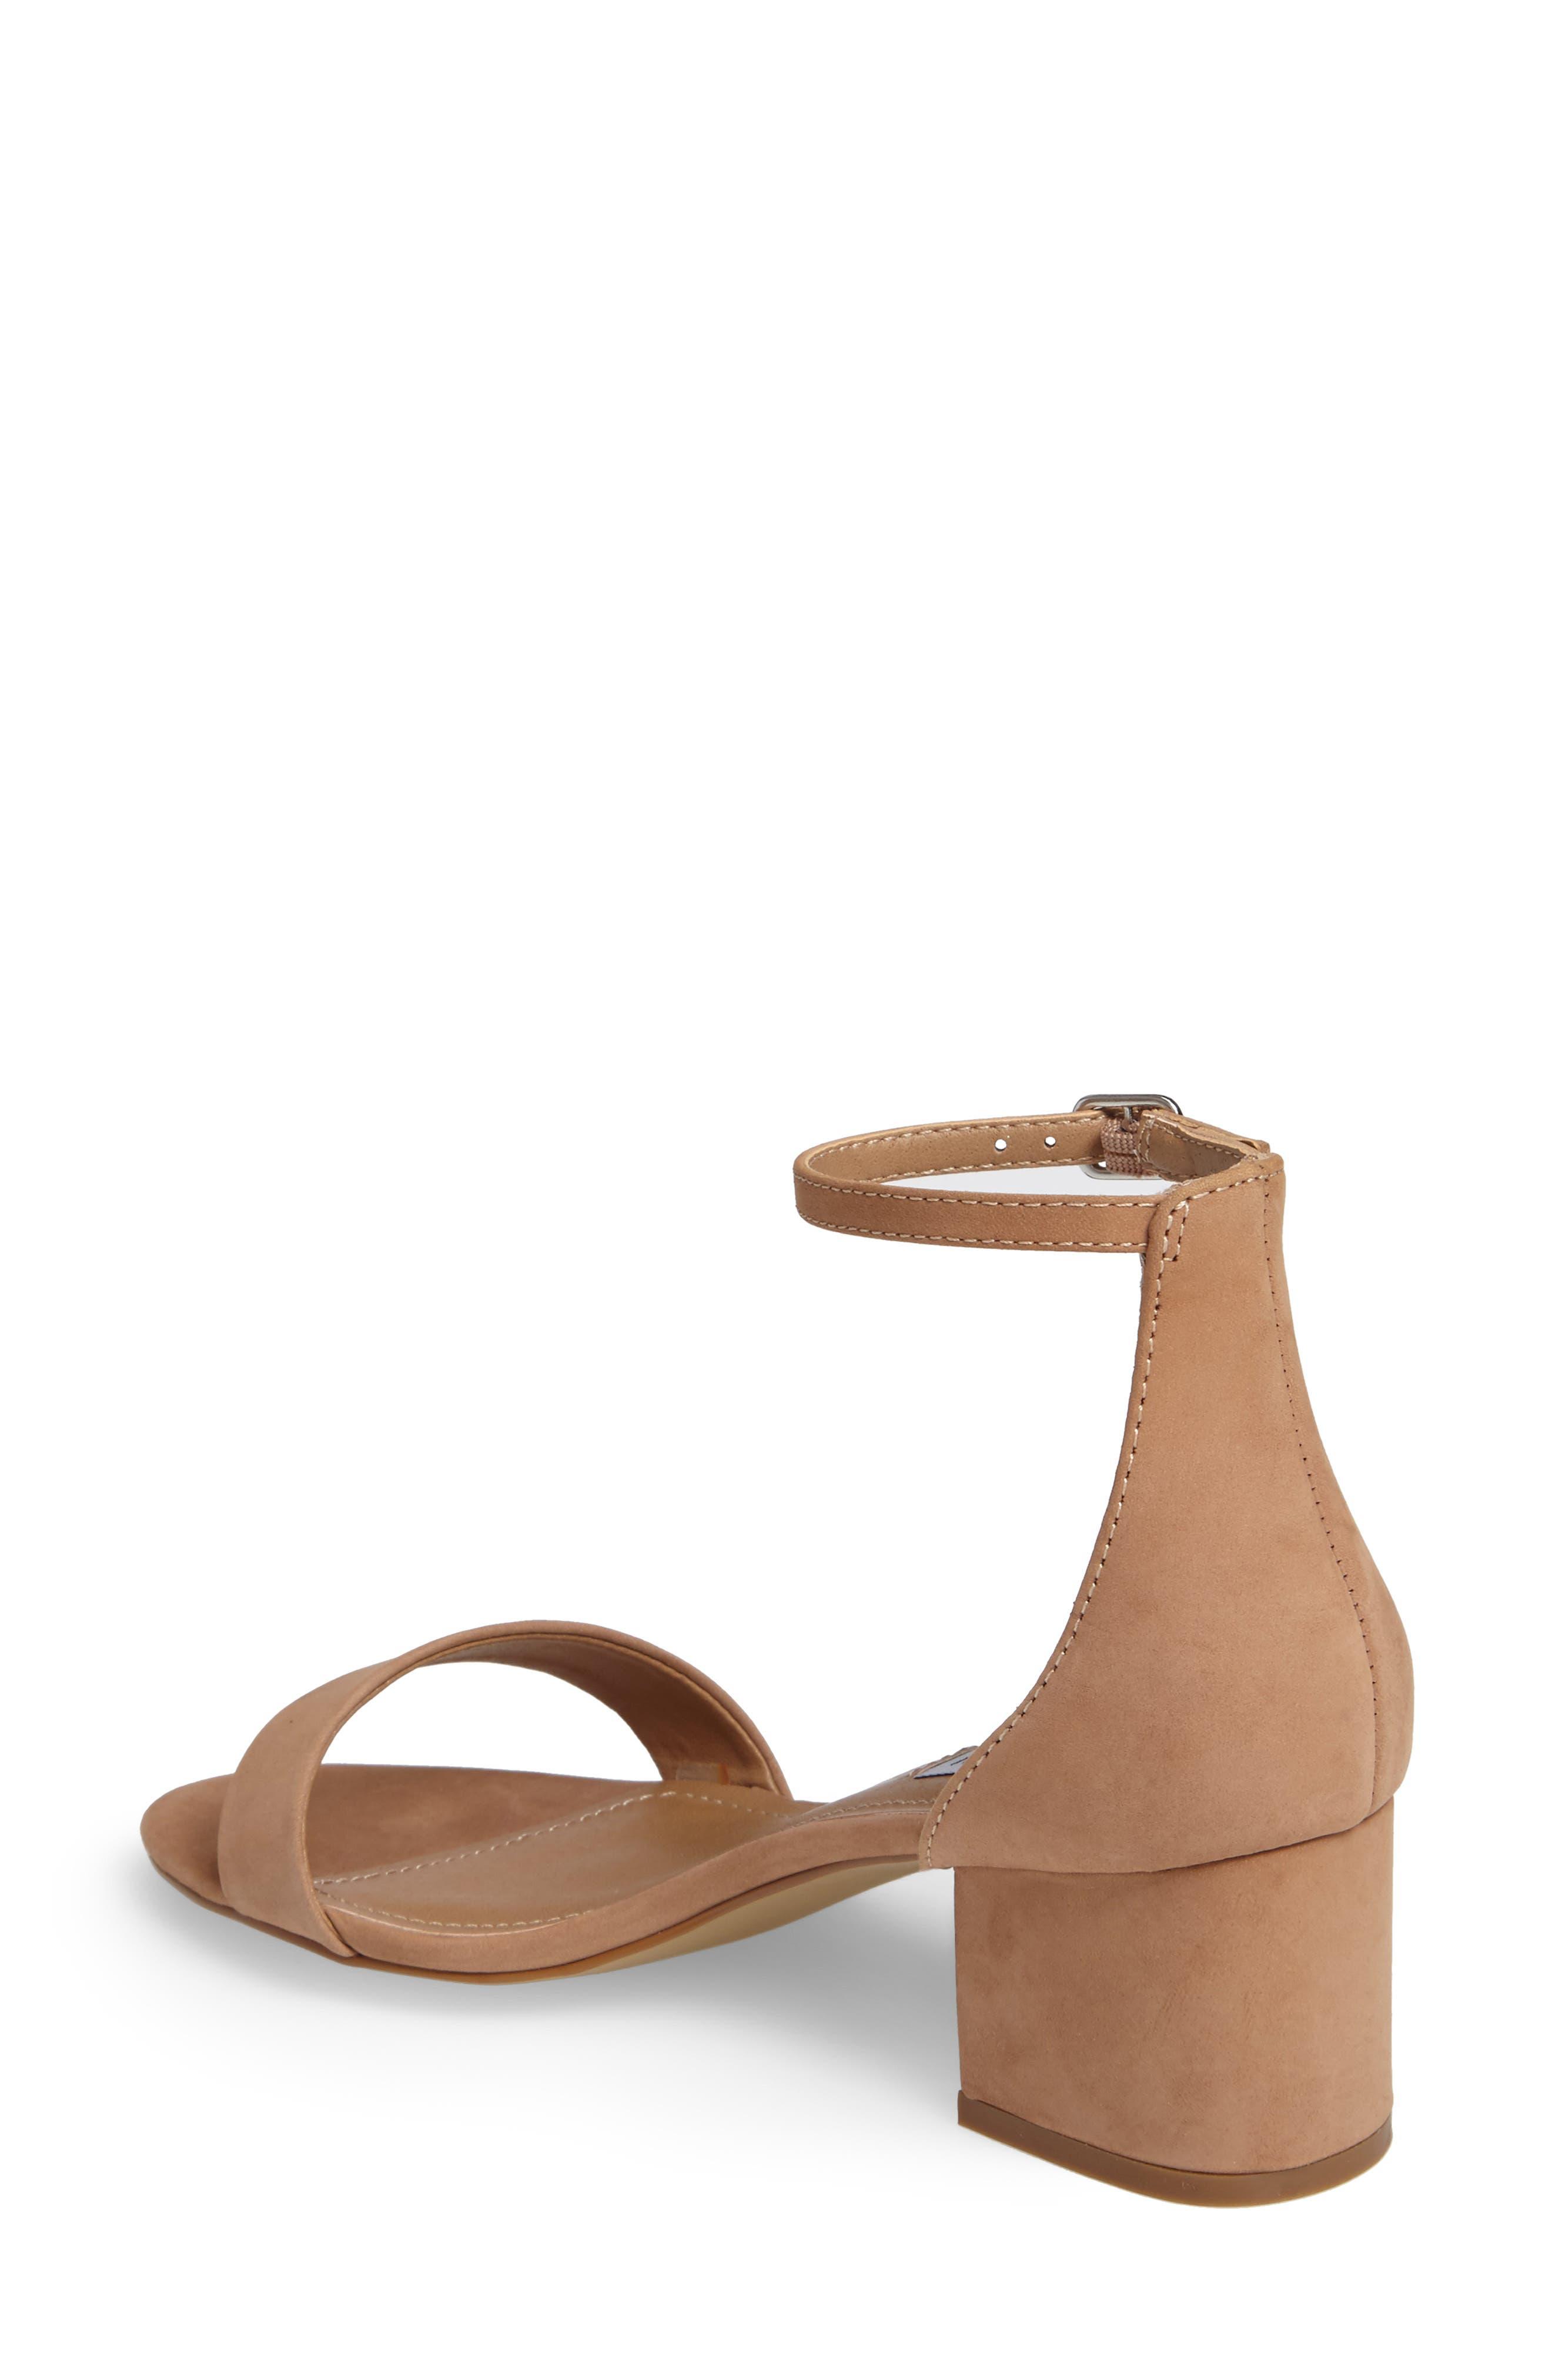 Irenee Ankle Strap Sandal,                             Alternate thumbnail 50, color,